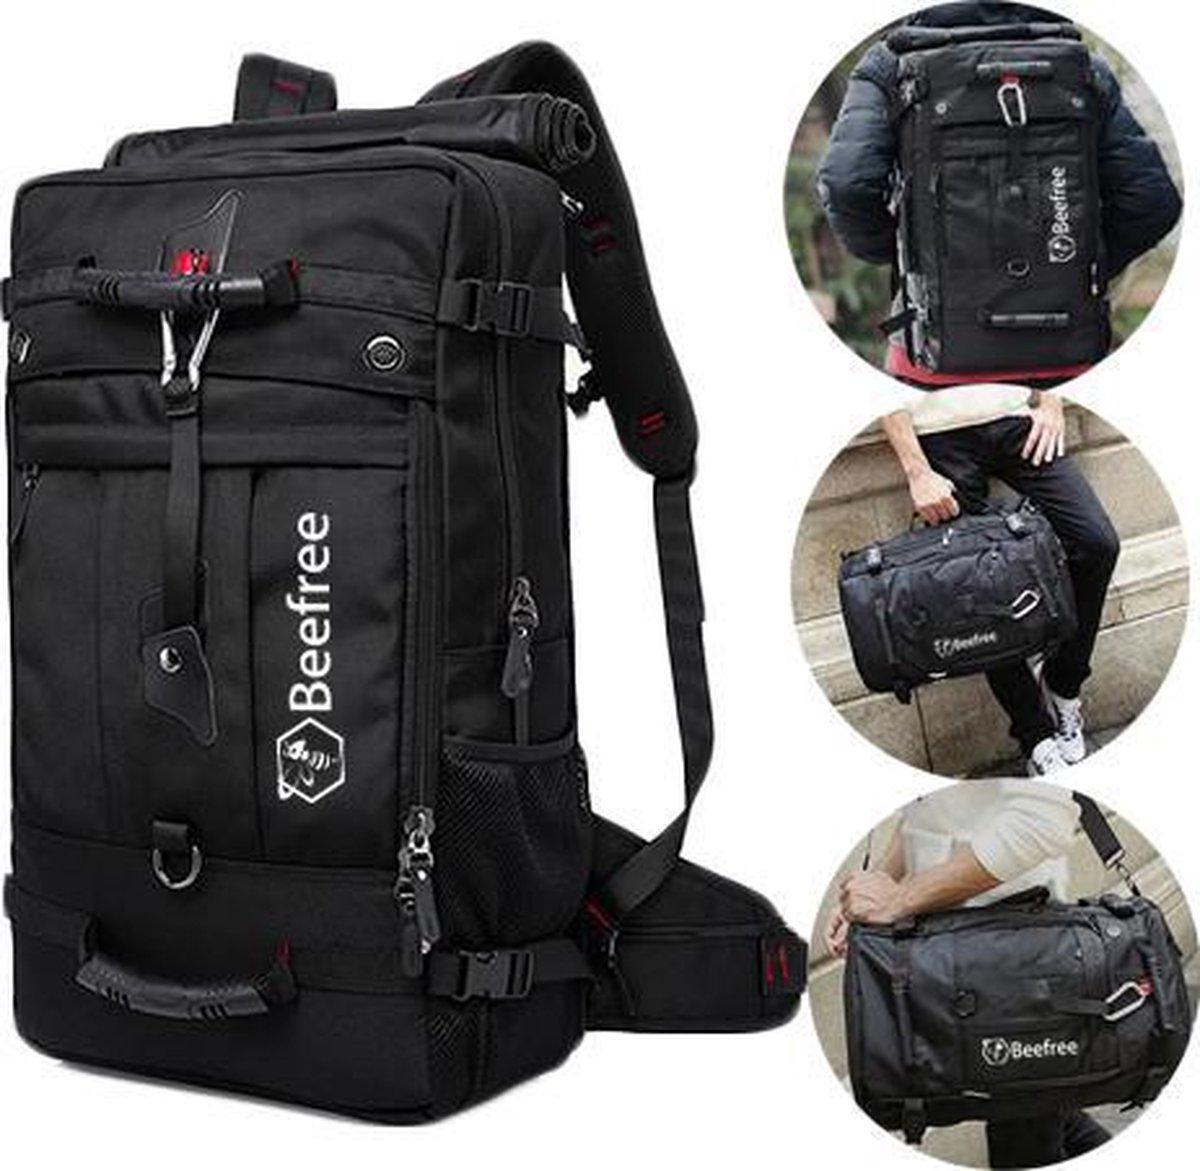 Beefree Anti diefstal rugzak| handbagage koffer | handbagage backpack | reistas | rugtas | werktas |